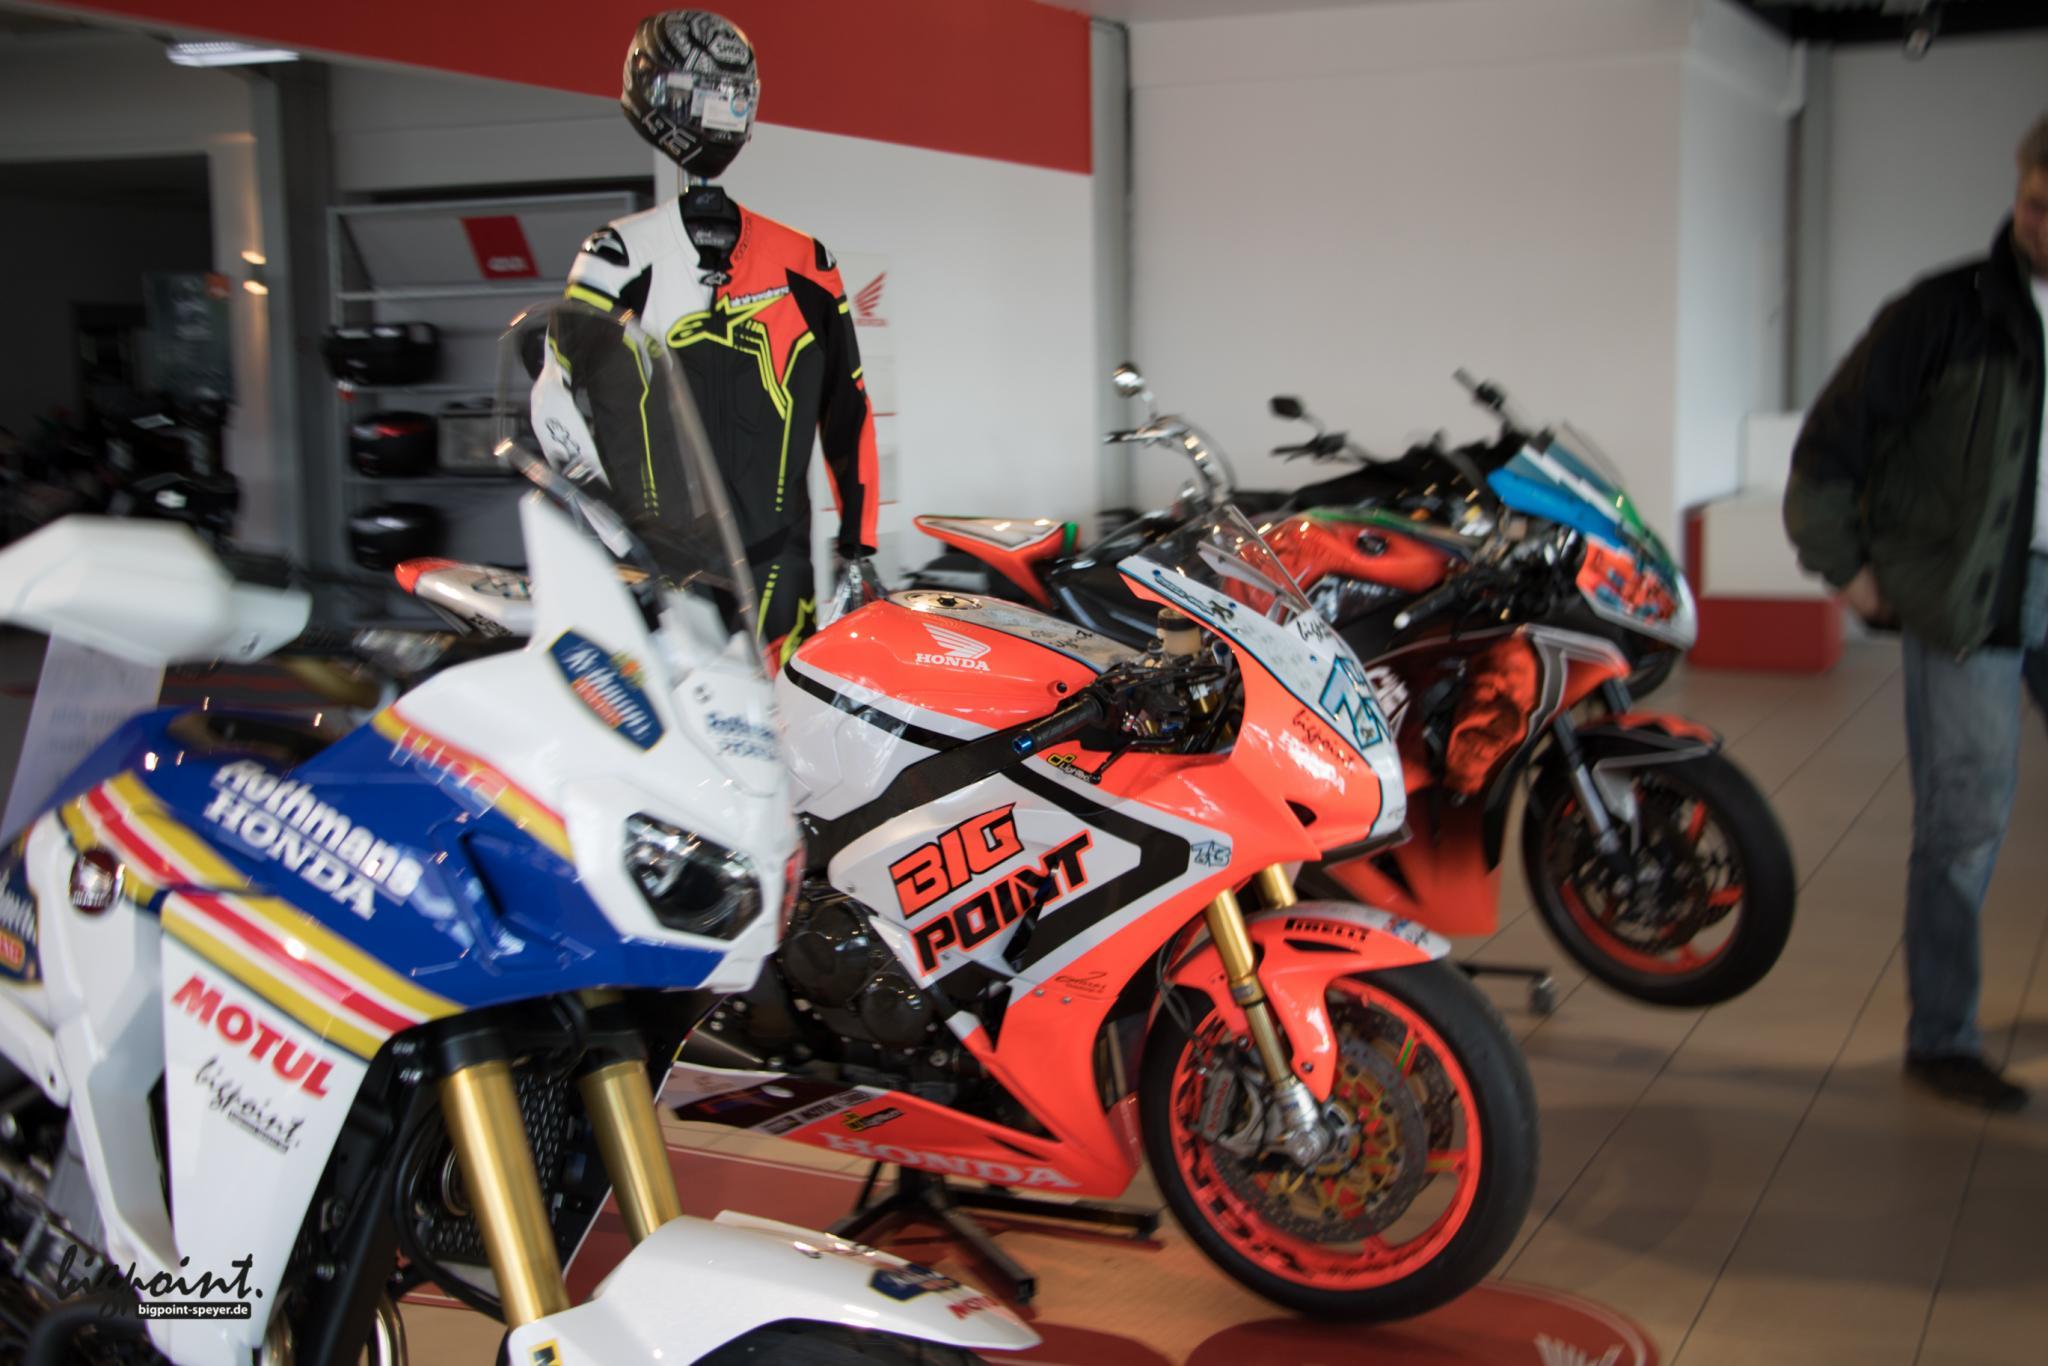 Unternehmensbilder Big Point Motorradhandels GmbH & CO. KG 30